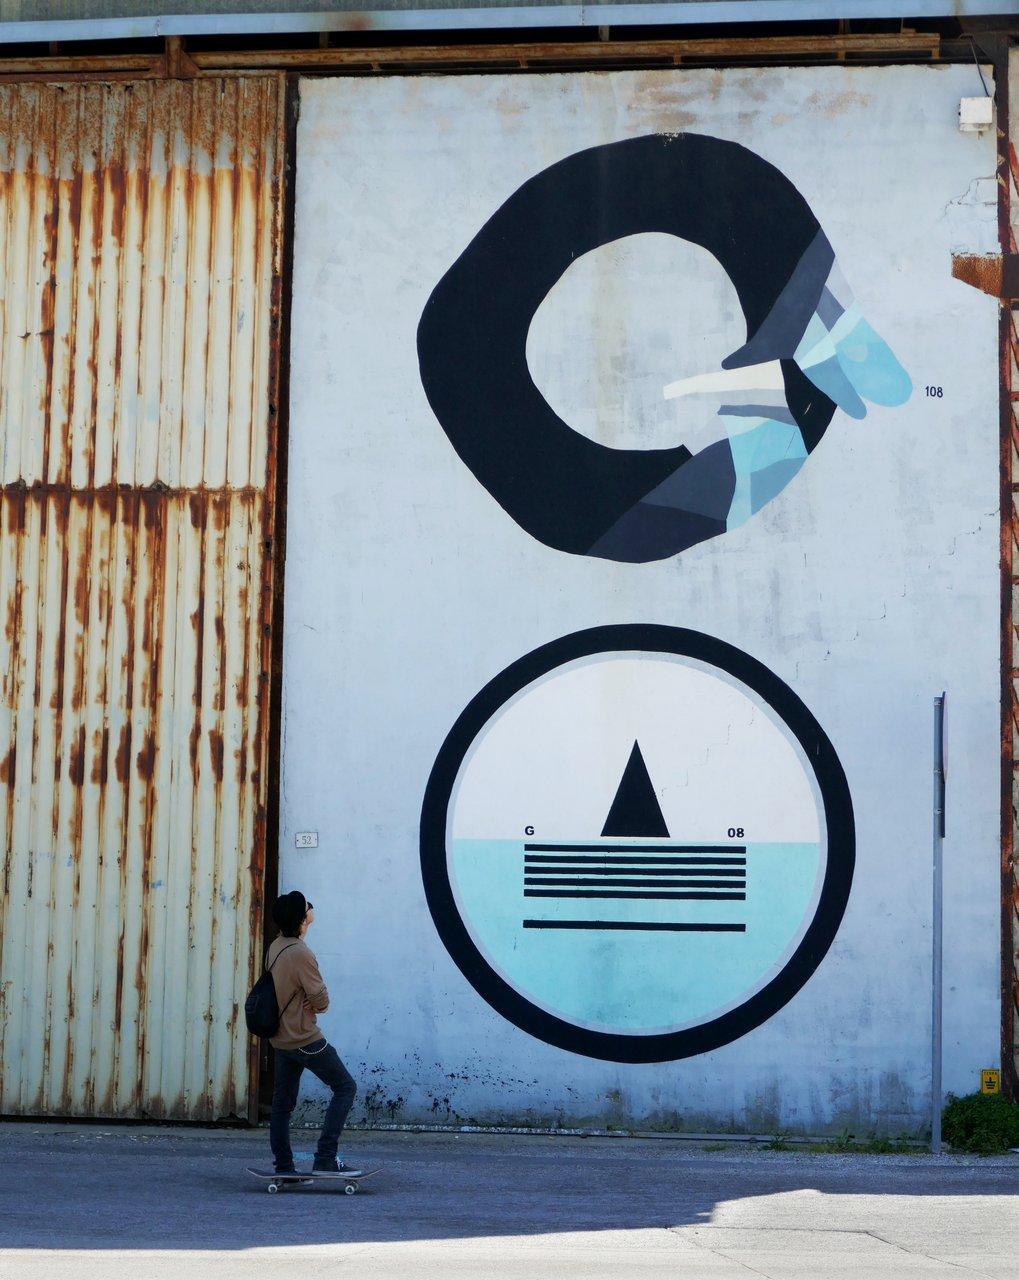 Vedo a Colori, Civitanova Marche: il muro di Giulio Vesprini con 108